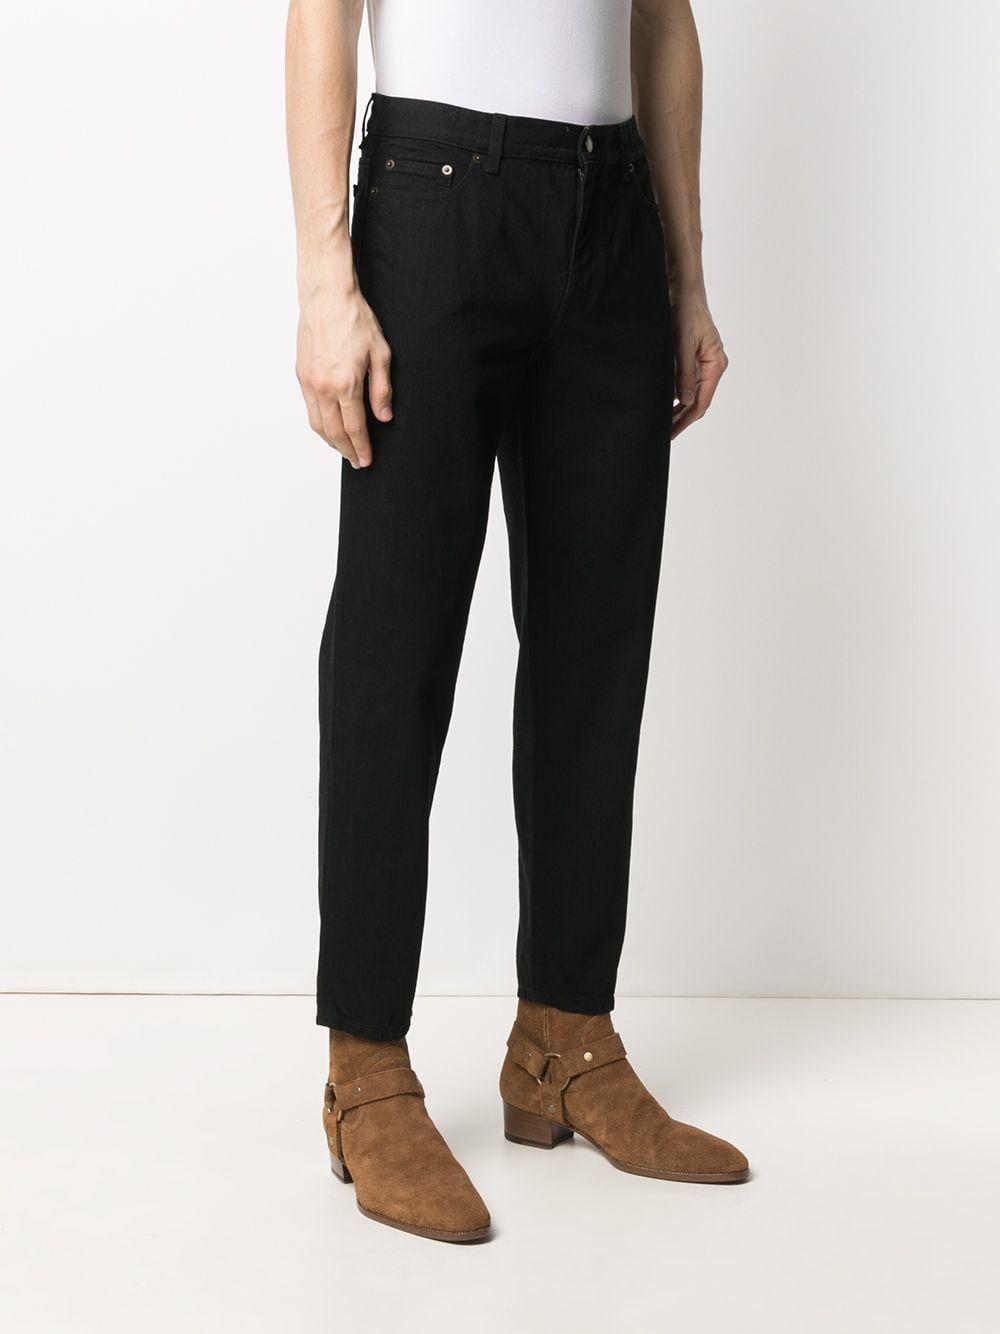 Jeans denim - Saint Laurent